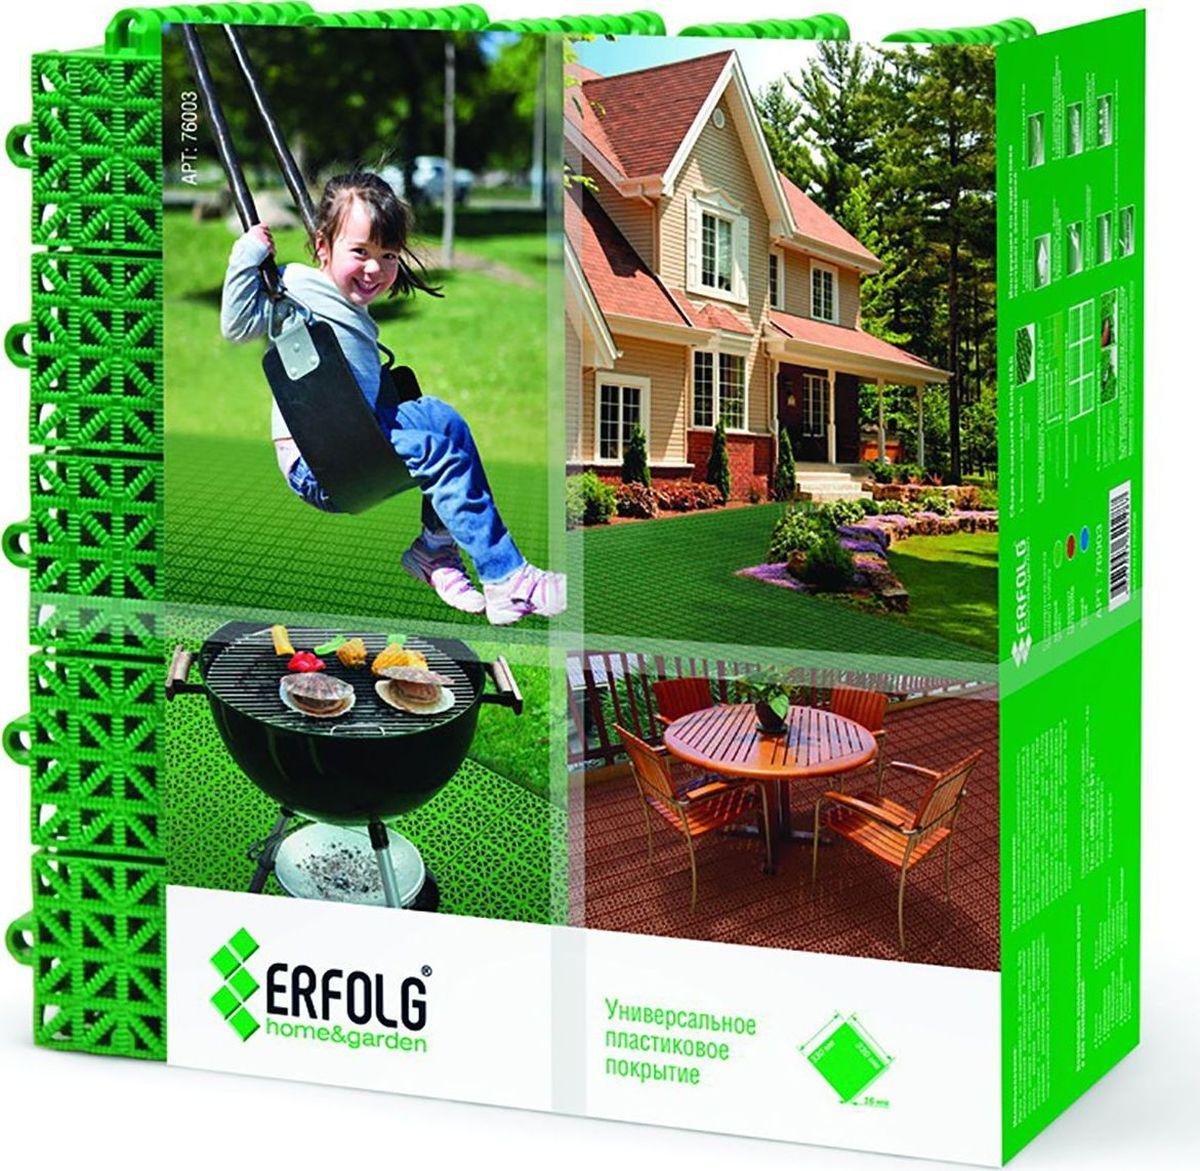 Настил садовый ERFOLG H&G, цвет: зеленый, 33 х 33 х см, 9 шт09840-20.000.00ERFOLG H&G — это пластиковое покрытие, отличающееся безопасностью, доступностью и универсальностью применения.Оно изготавливается из экологичной пластмассы, что обеспечивает долгую службу, износостойкость и отсутствие запаха. Такие настилы крайне просты при монтаже и не требуют профессиональных навыков и инструментов для их укладки.Покрытие ERFOLG H&G эластичное и прочное, устойчиво к механическим, температурным и климатическим воздействиям и нагрузкам. Его можно использовать как на улице, так и внутри помещений в силу высокой сопротивляемости бактериям и грибкам. Каждый модуль обладает эффектом подвижного замка и скосом, что позволяет выкладывать площадки любых размеров и не бояться деформации покрытия.Чистка производится с помощью пылесоса в помещении и шланга на открытой площадке.Использование: покрытие для детских площадокдля садаспортивных площадок и кортовдорожки, тропинки, экотропы, велодорожекоформление террасы, балконов, теплицпарковых зон и производственных зоноснования катка.Характеристики:сборка возможна даже в дождливую погодуготовность к эксплуатации сразу после монтажаотсутствие специальных требований по уходу в процессе эксплуатациизащищает почву от вымывания и эрозиисохраняет баланс экосистемы в зоне укладкидиапазон рабочих температур — от ?50 до +60 °Сразмер модуля — 33,3 ? 33,3 ? 16см.